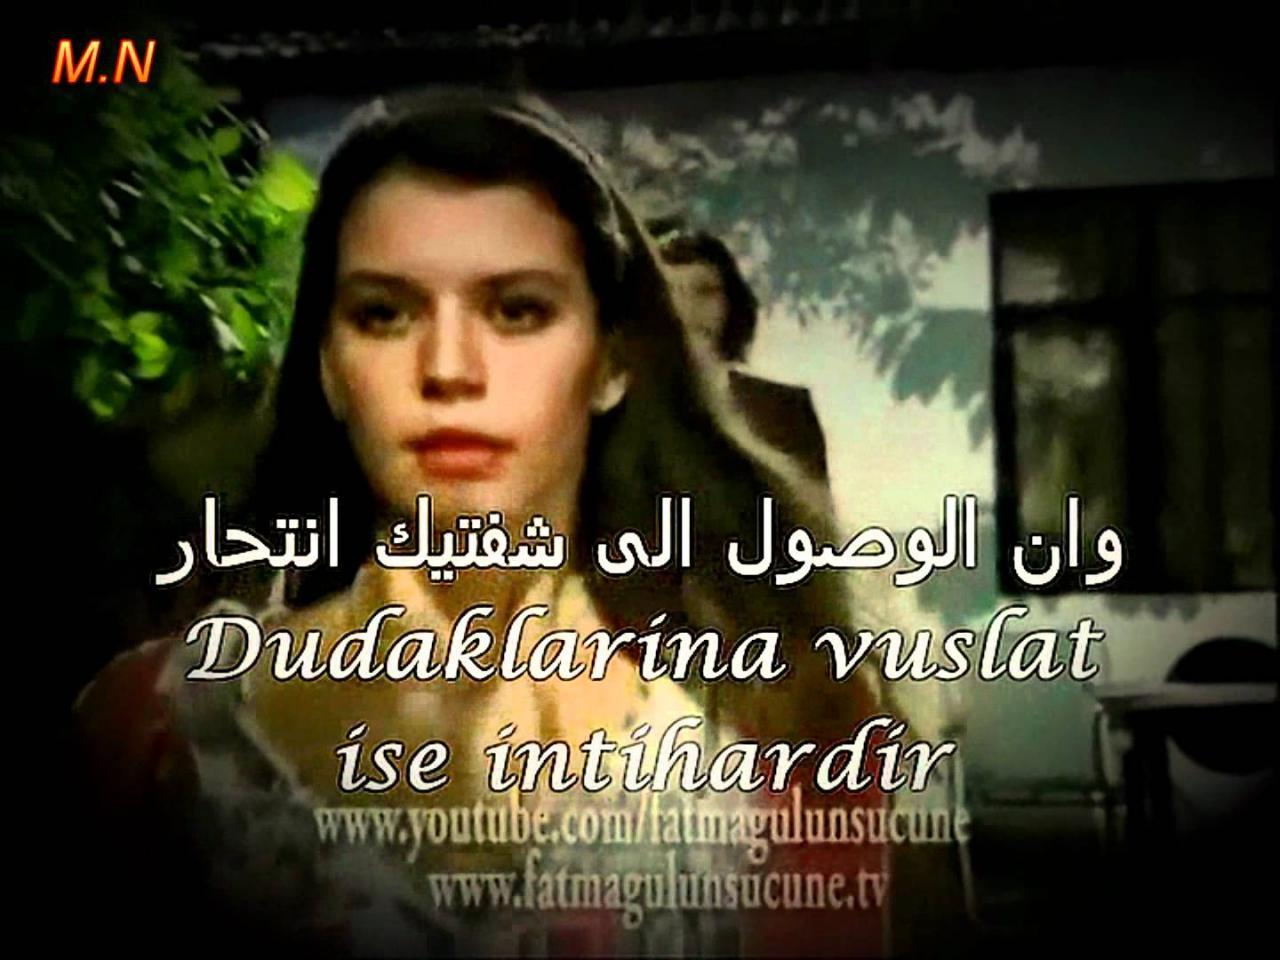 صورة عبارات حب تركية مترجمة, استمتع بهذه العبارات الجميلة التي تتكلم عن الحب